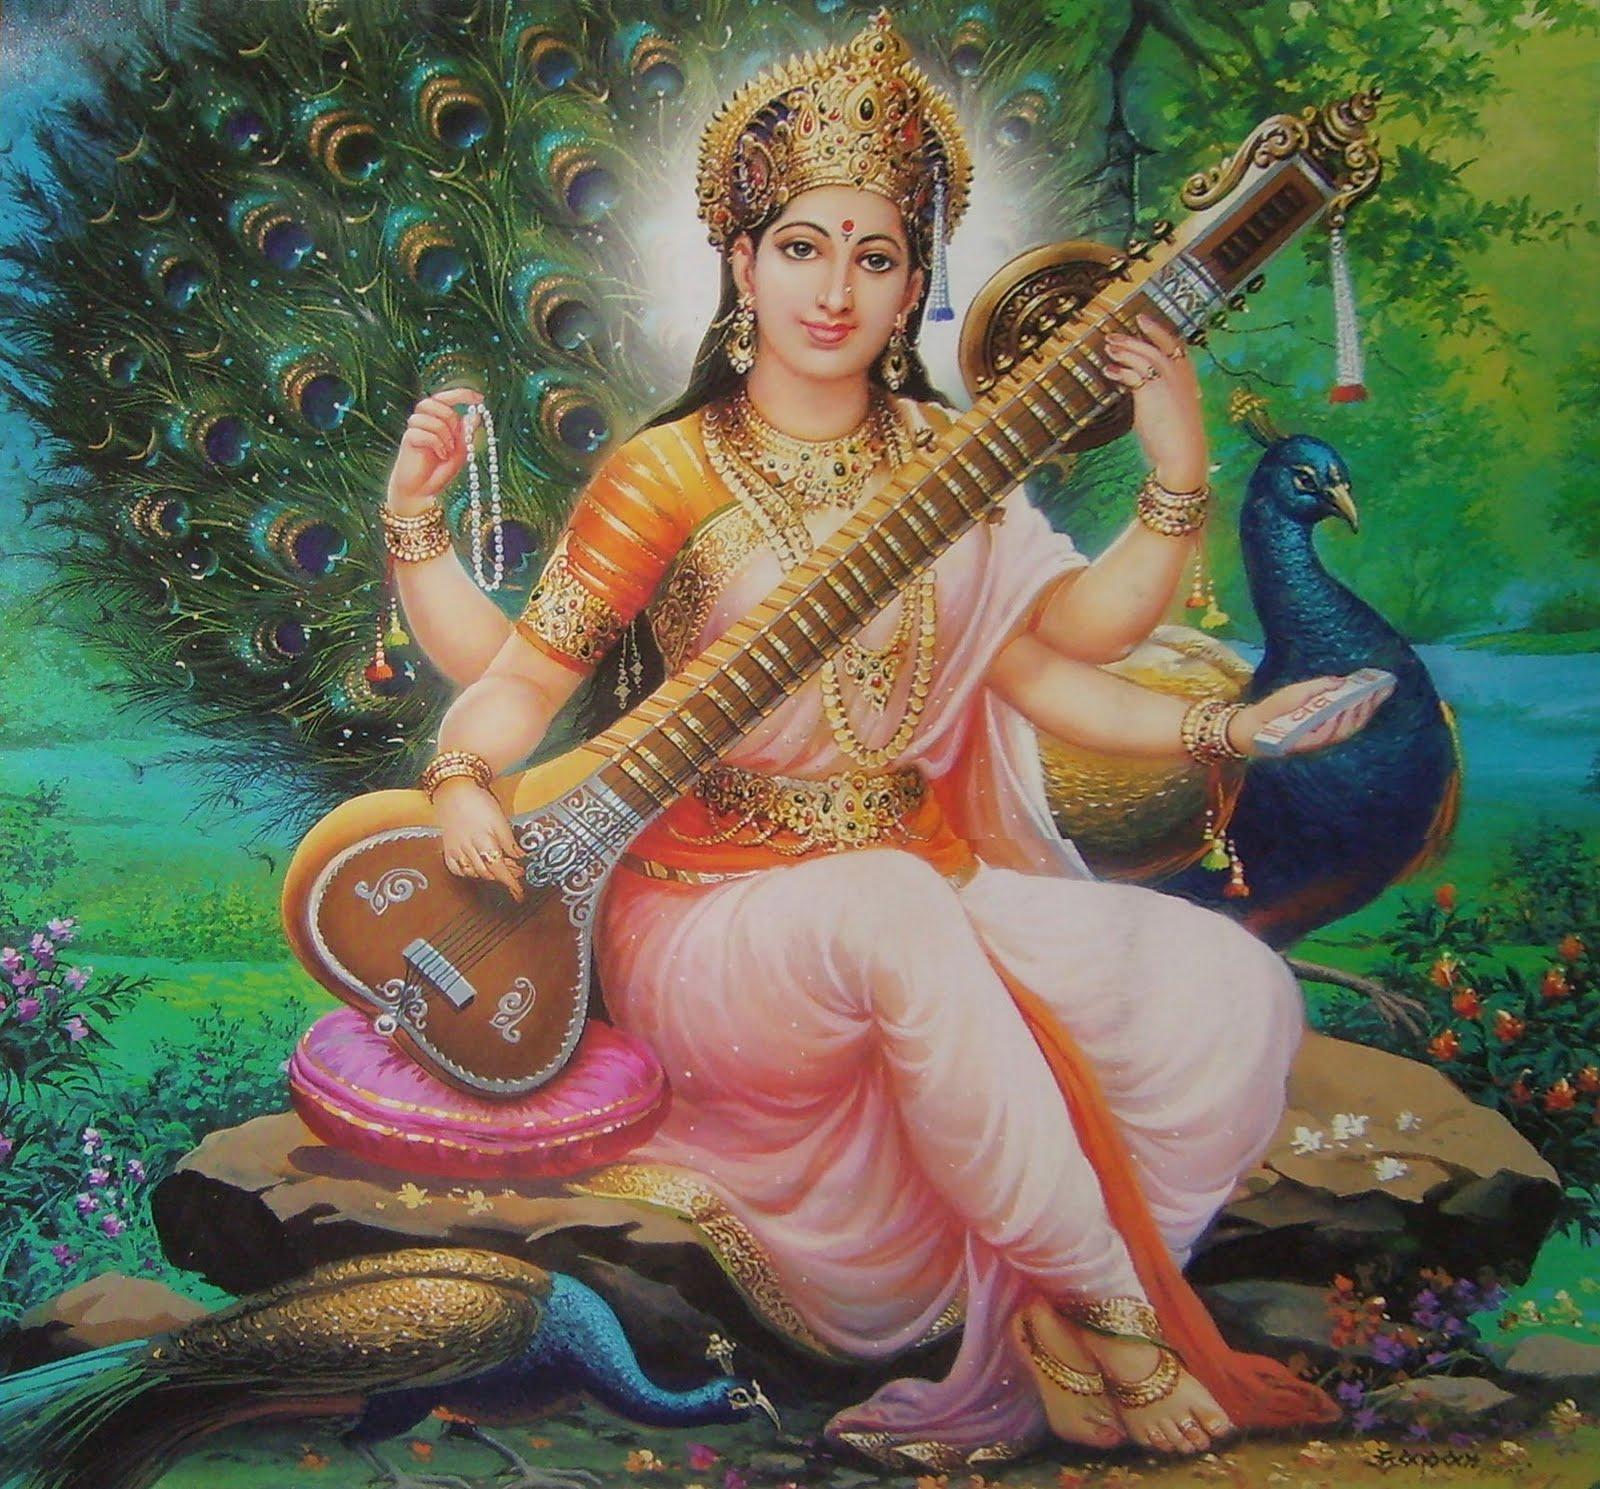 Pati Vashikaran Mantra Sadhna,Vashikaran Mantra Yantra,Vashikaran